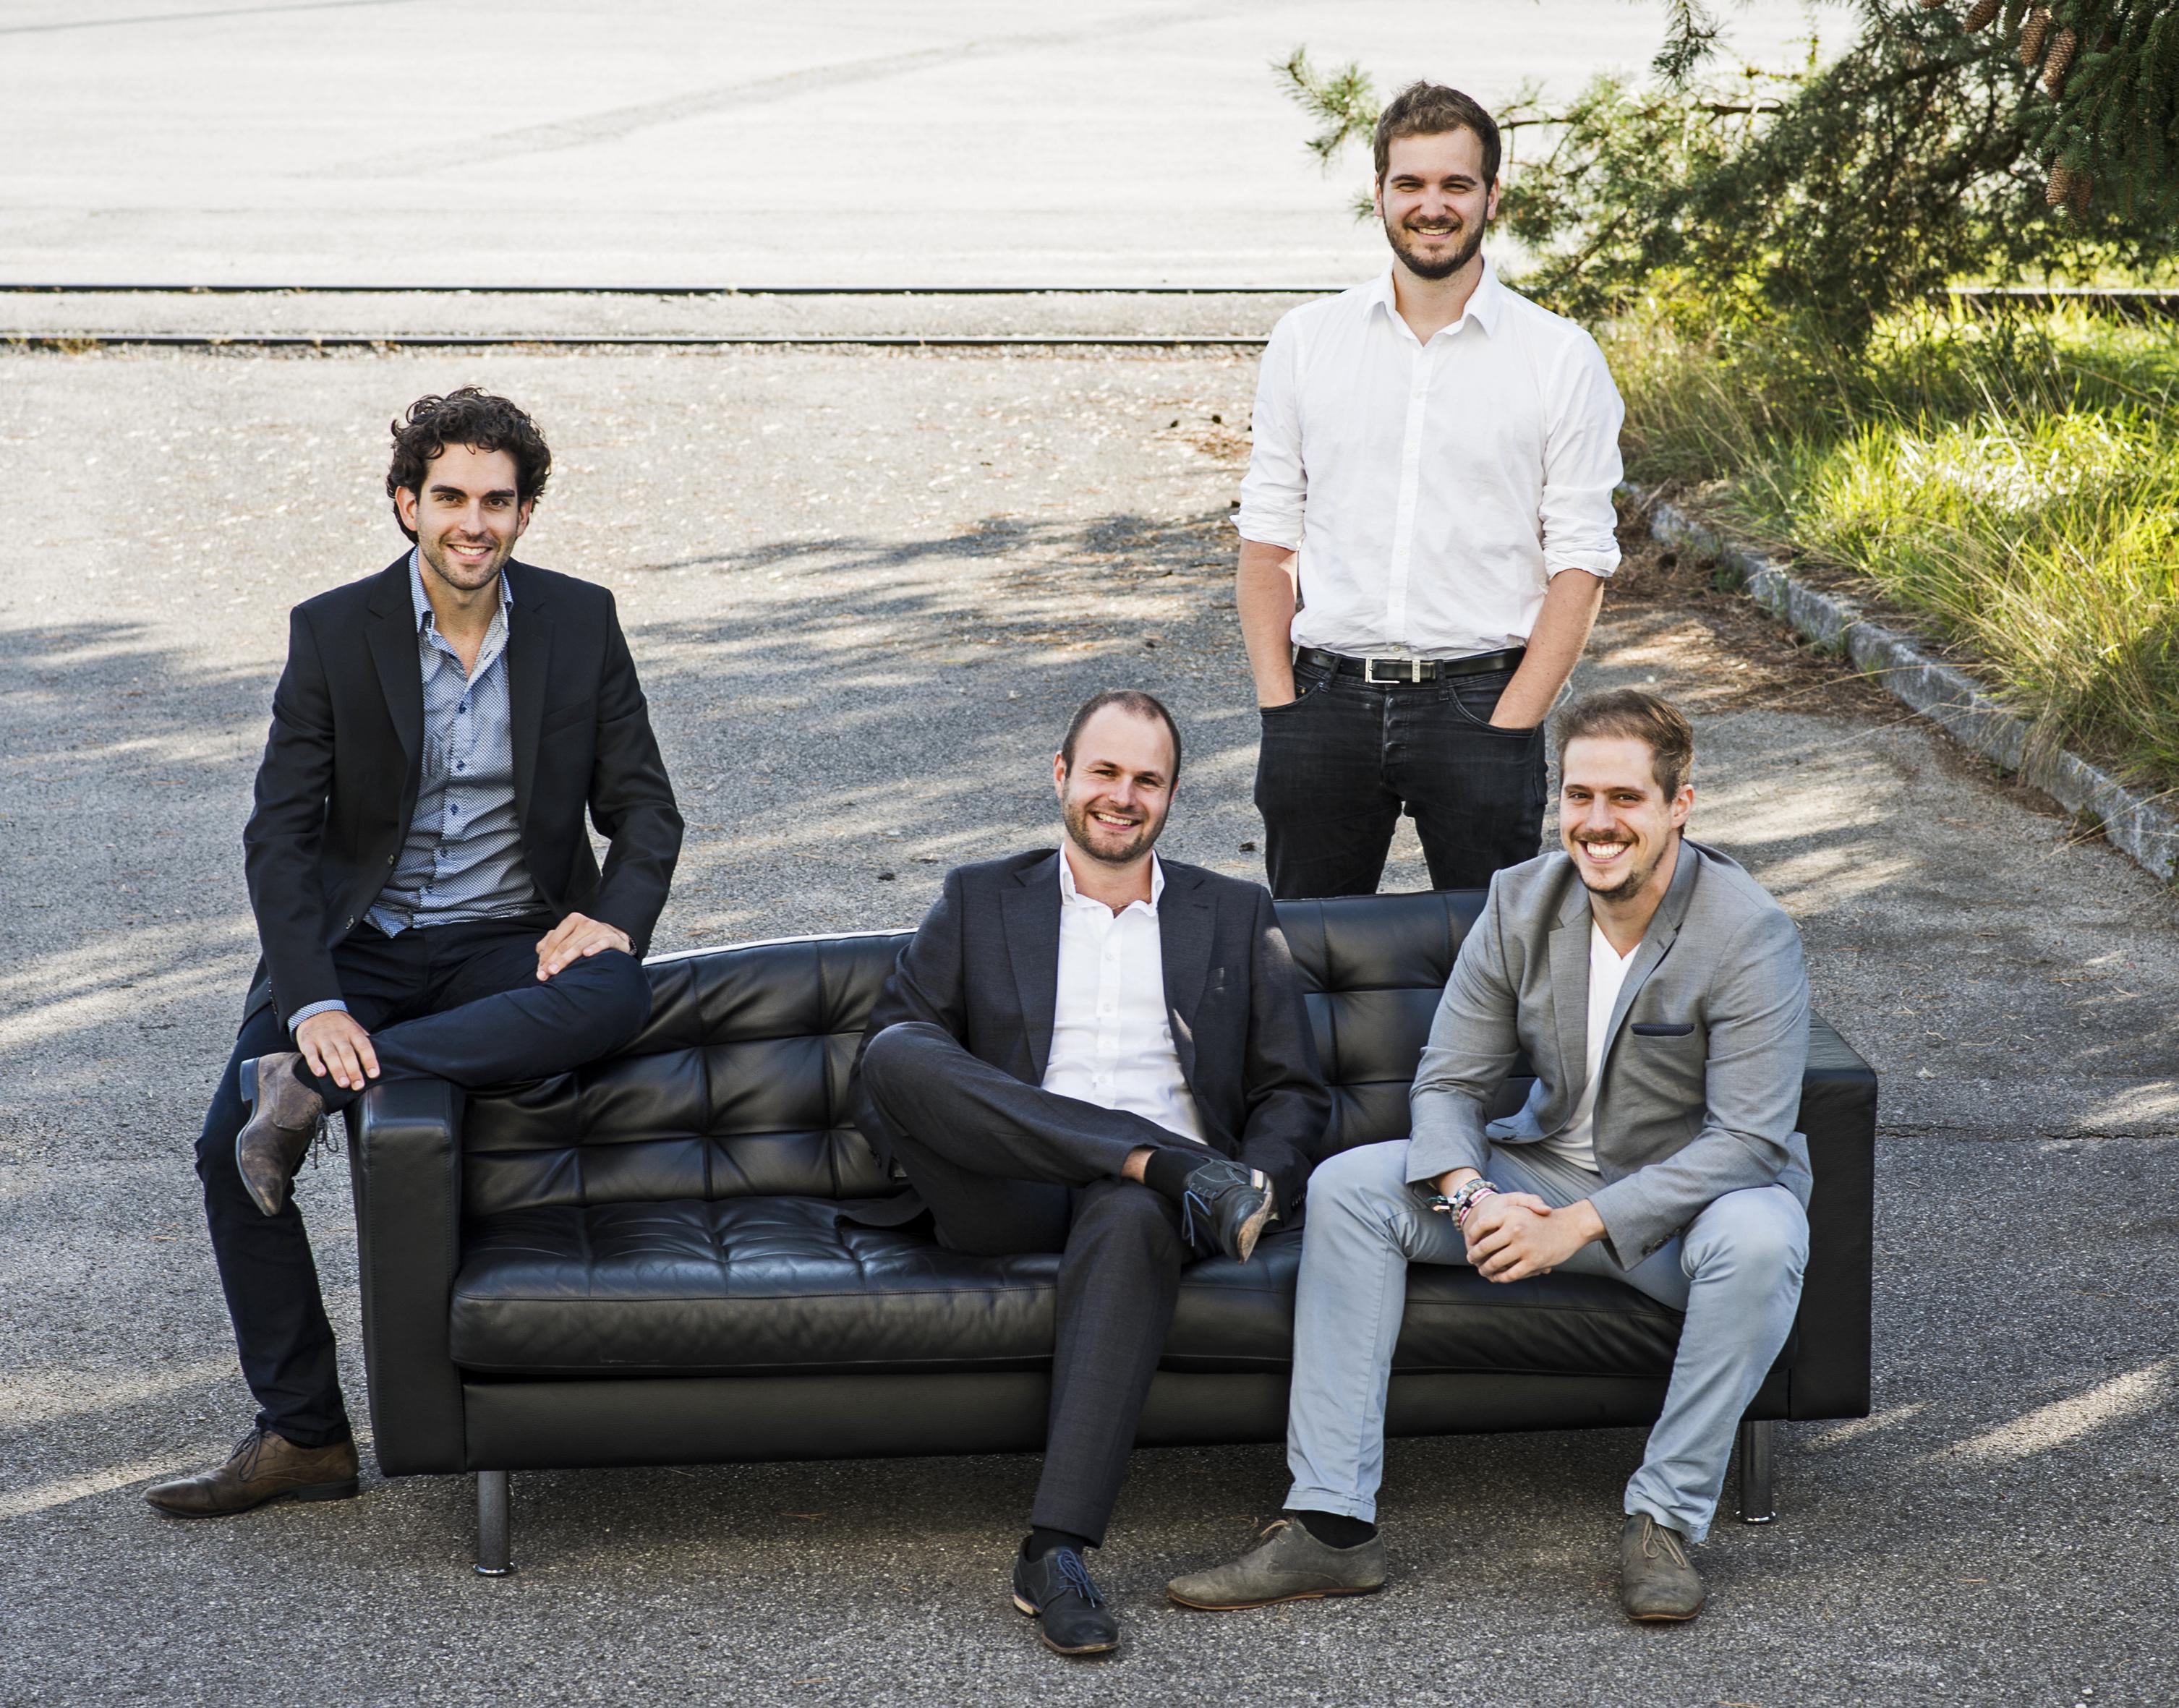 Die Gründer (v.l.) Daniel Wiegand, Sebastian Born, Matthias Meiner und Patrick Nathen haben mit Lilium gerade einen wichtigen Meilenstein erreicht.